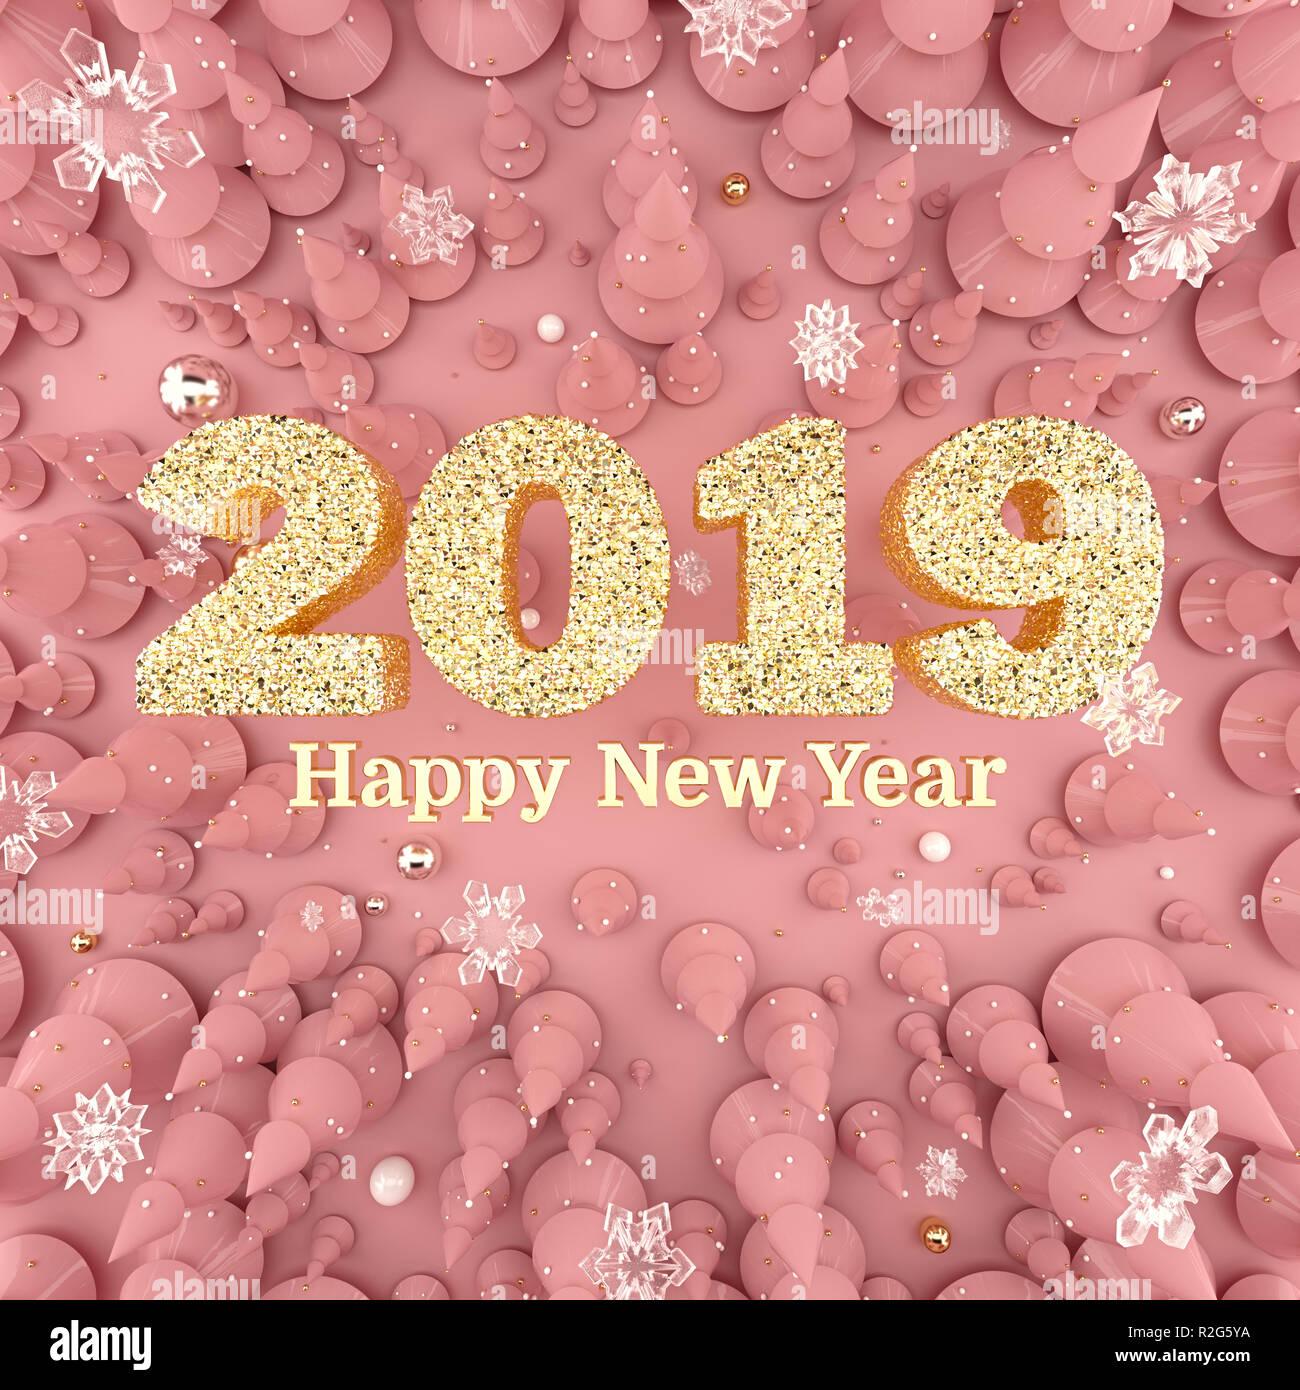 La rosa de oro Feliz Año Nuevo 2019 top view 3D ilustración. Imagen De Stock